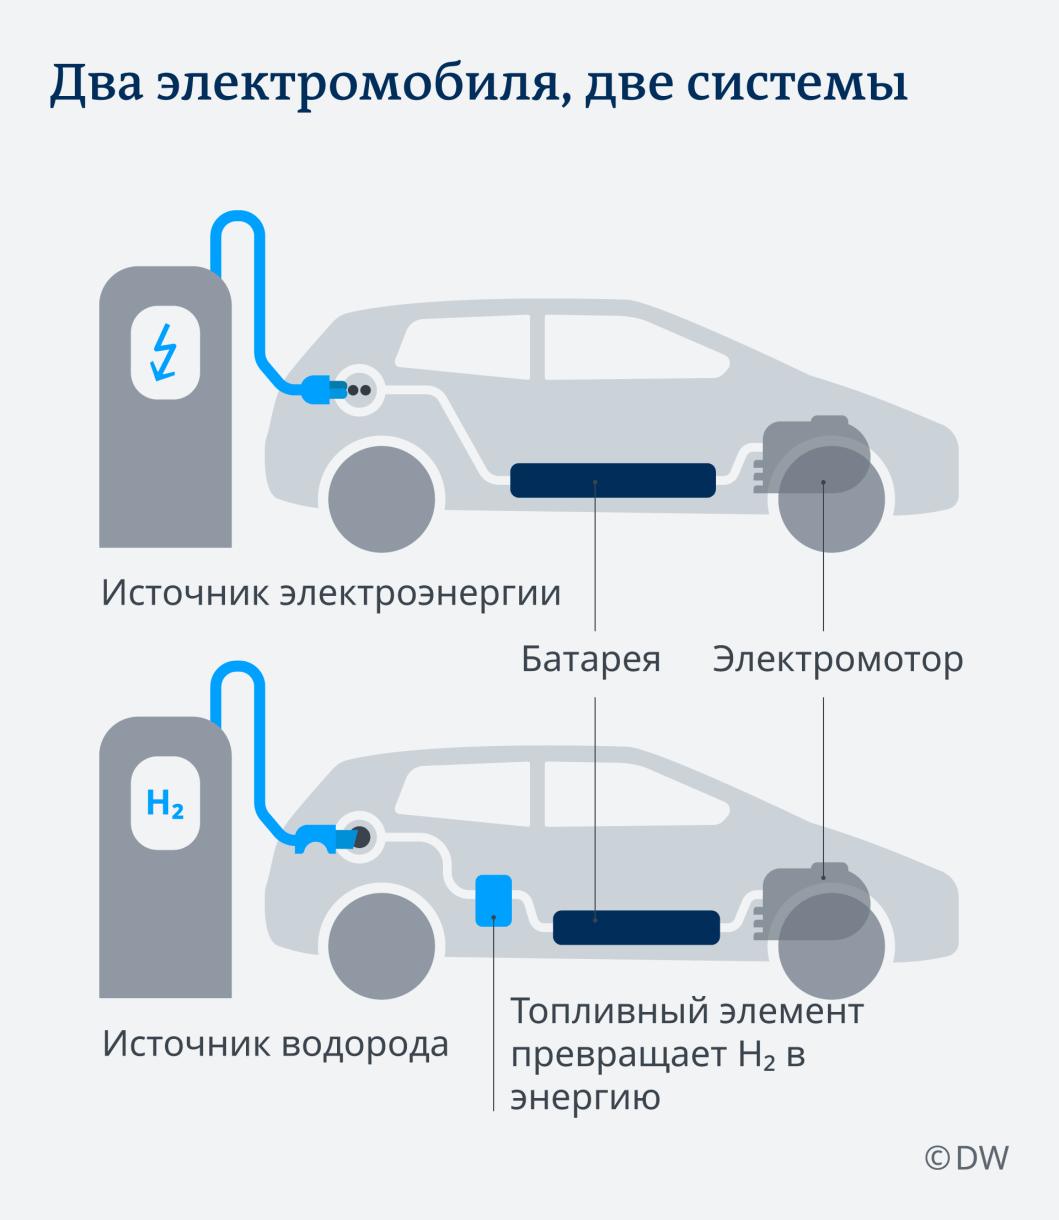 Инфографика: Два электромобиля, две системы